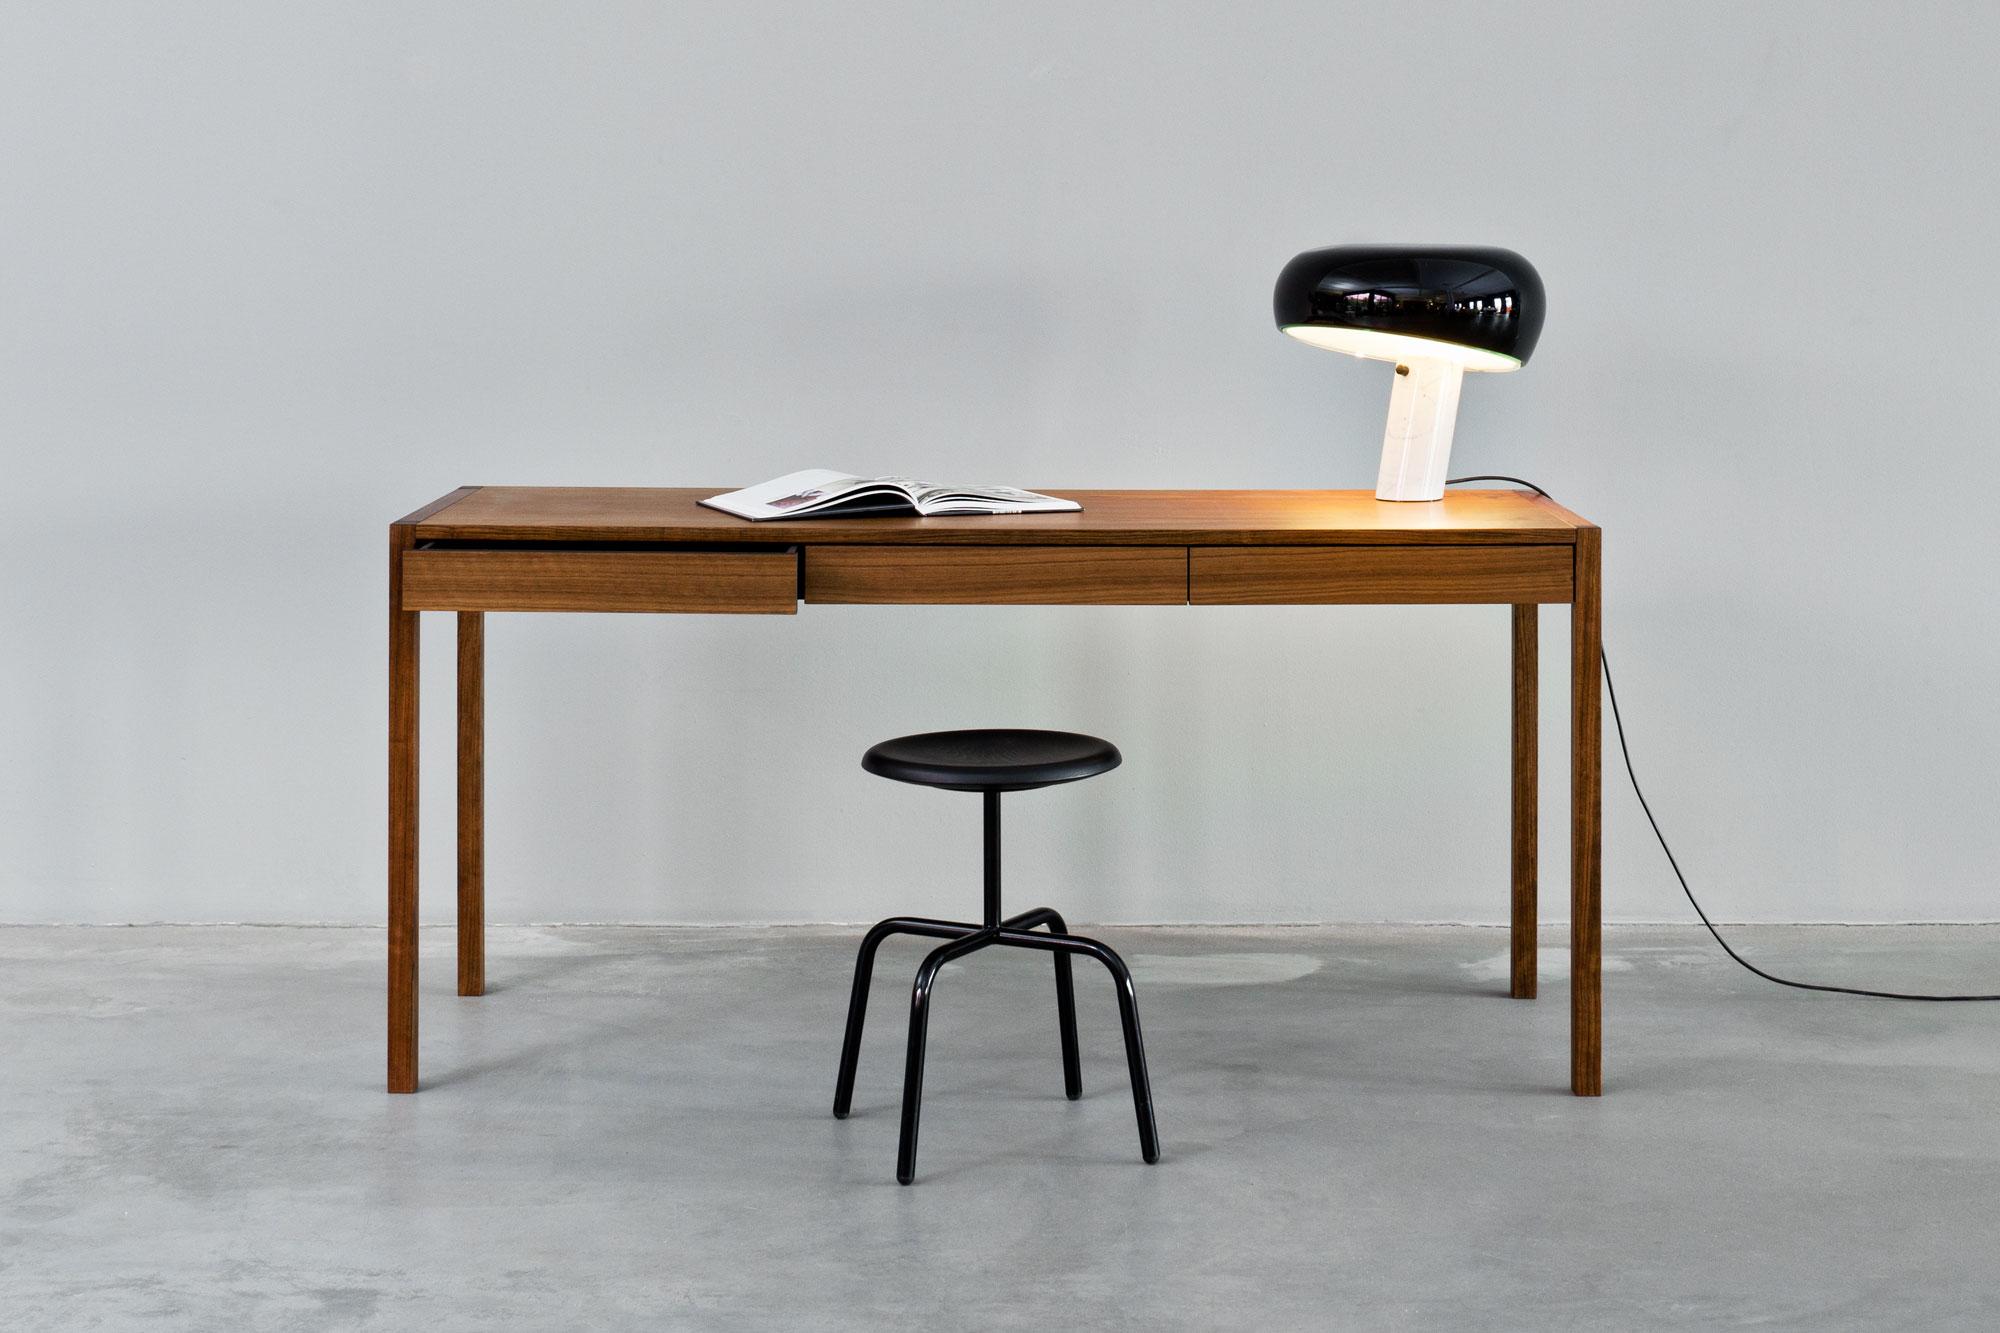 morgen-kollektion-new-desk-mutenye-2